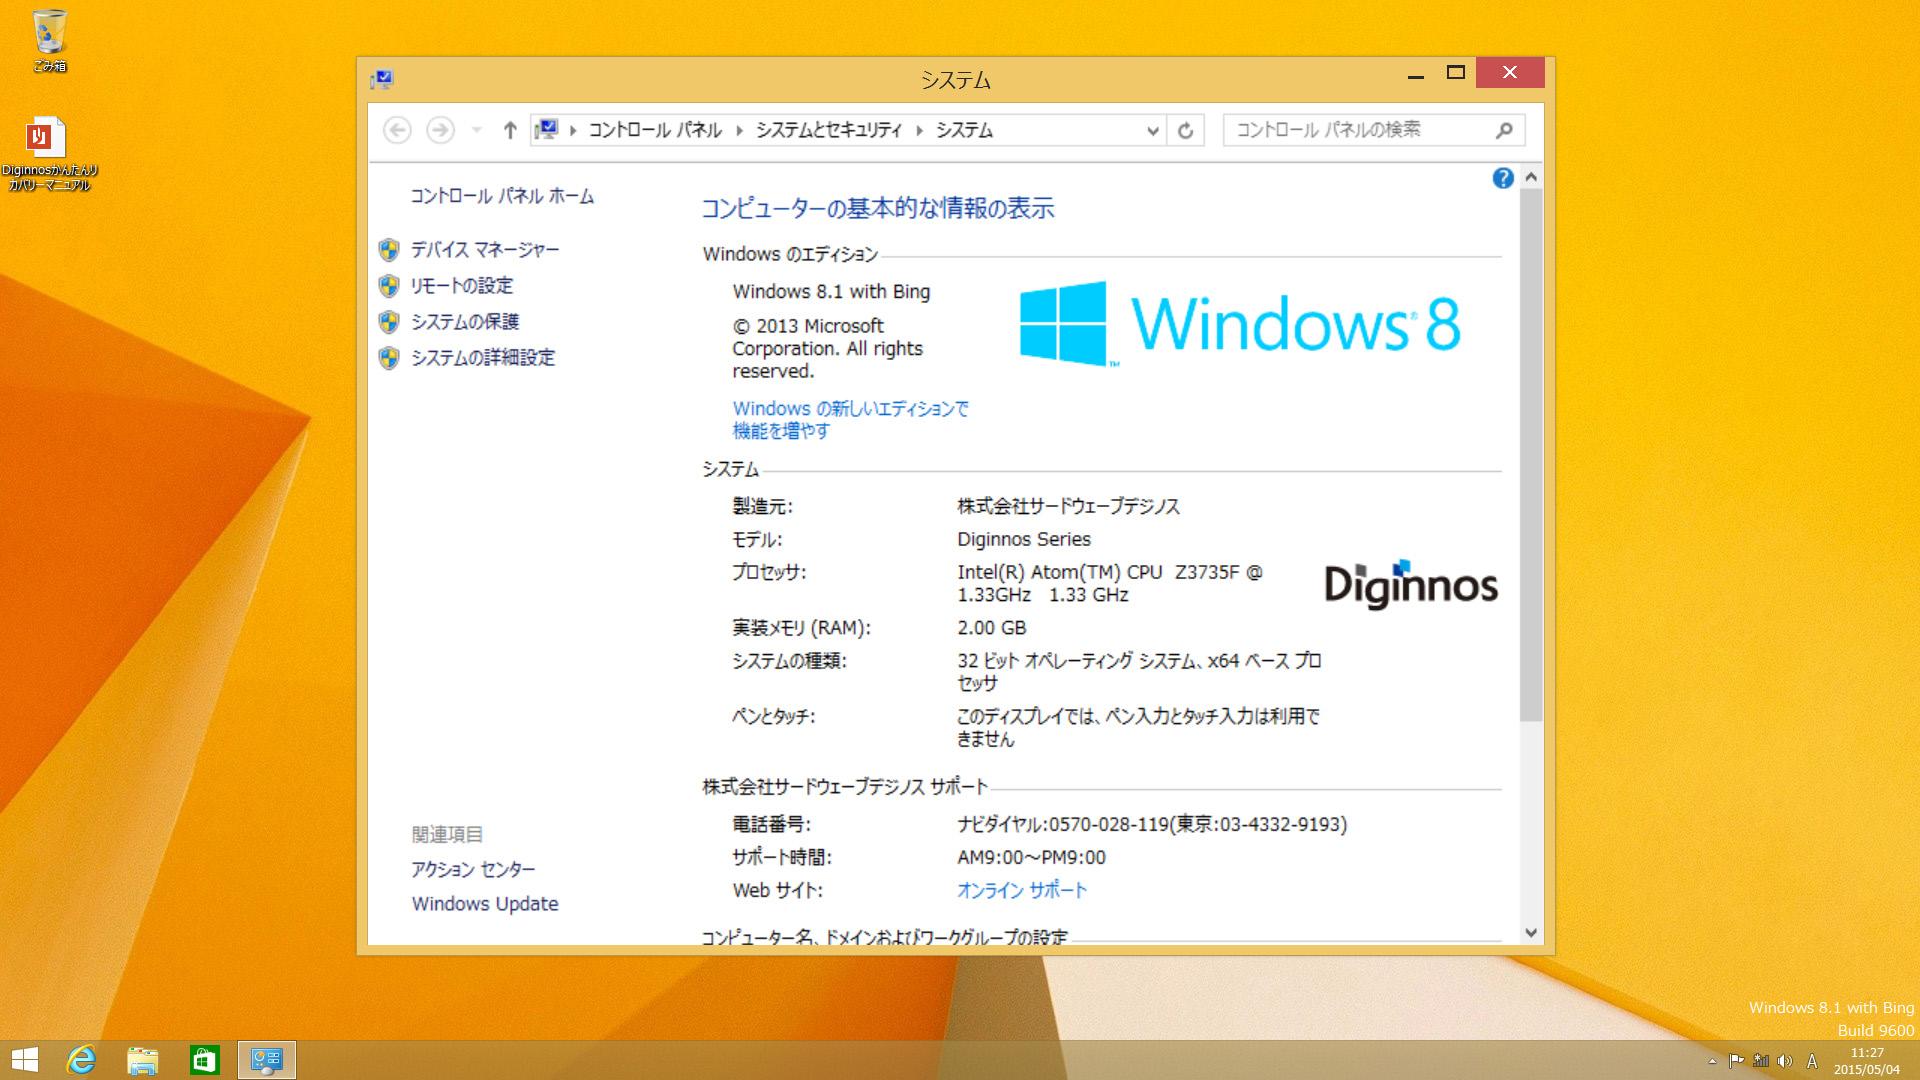 デスクトップには「Diginnosかんたんリカバリーマニュアル」へのショートカットが1つ